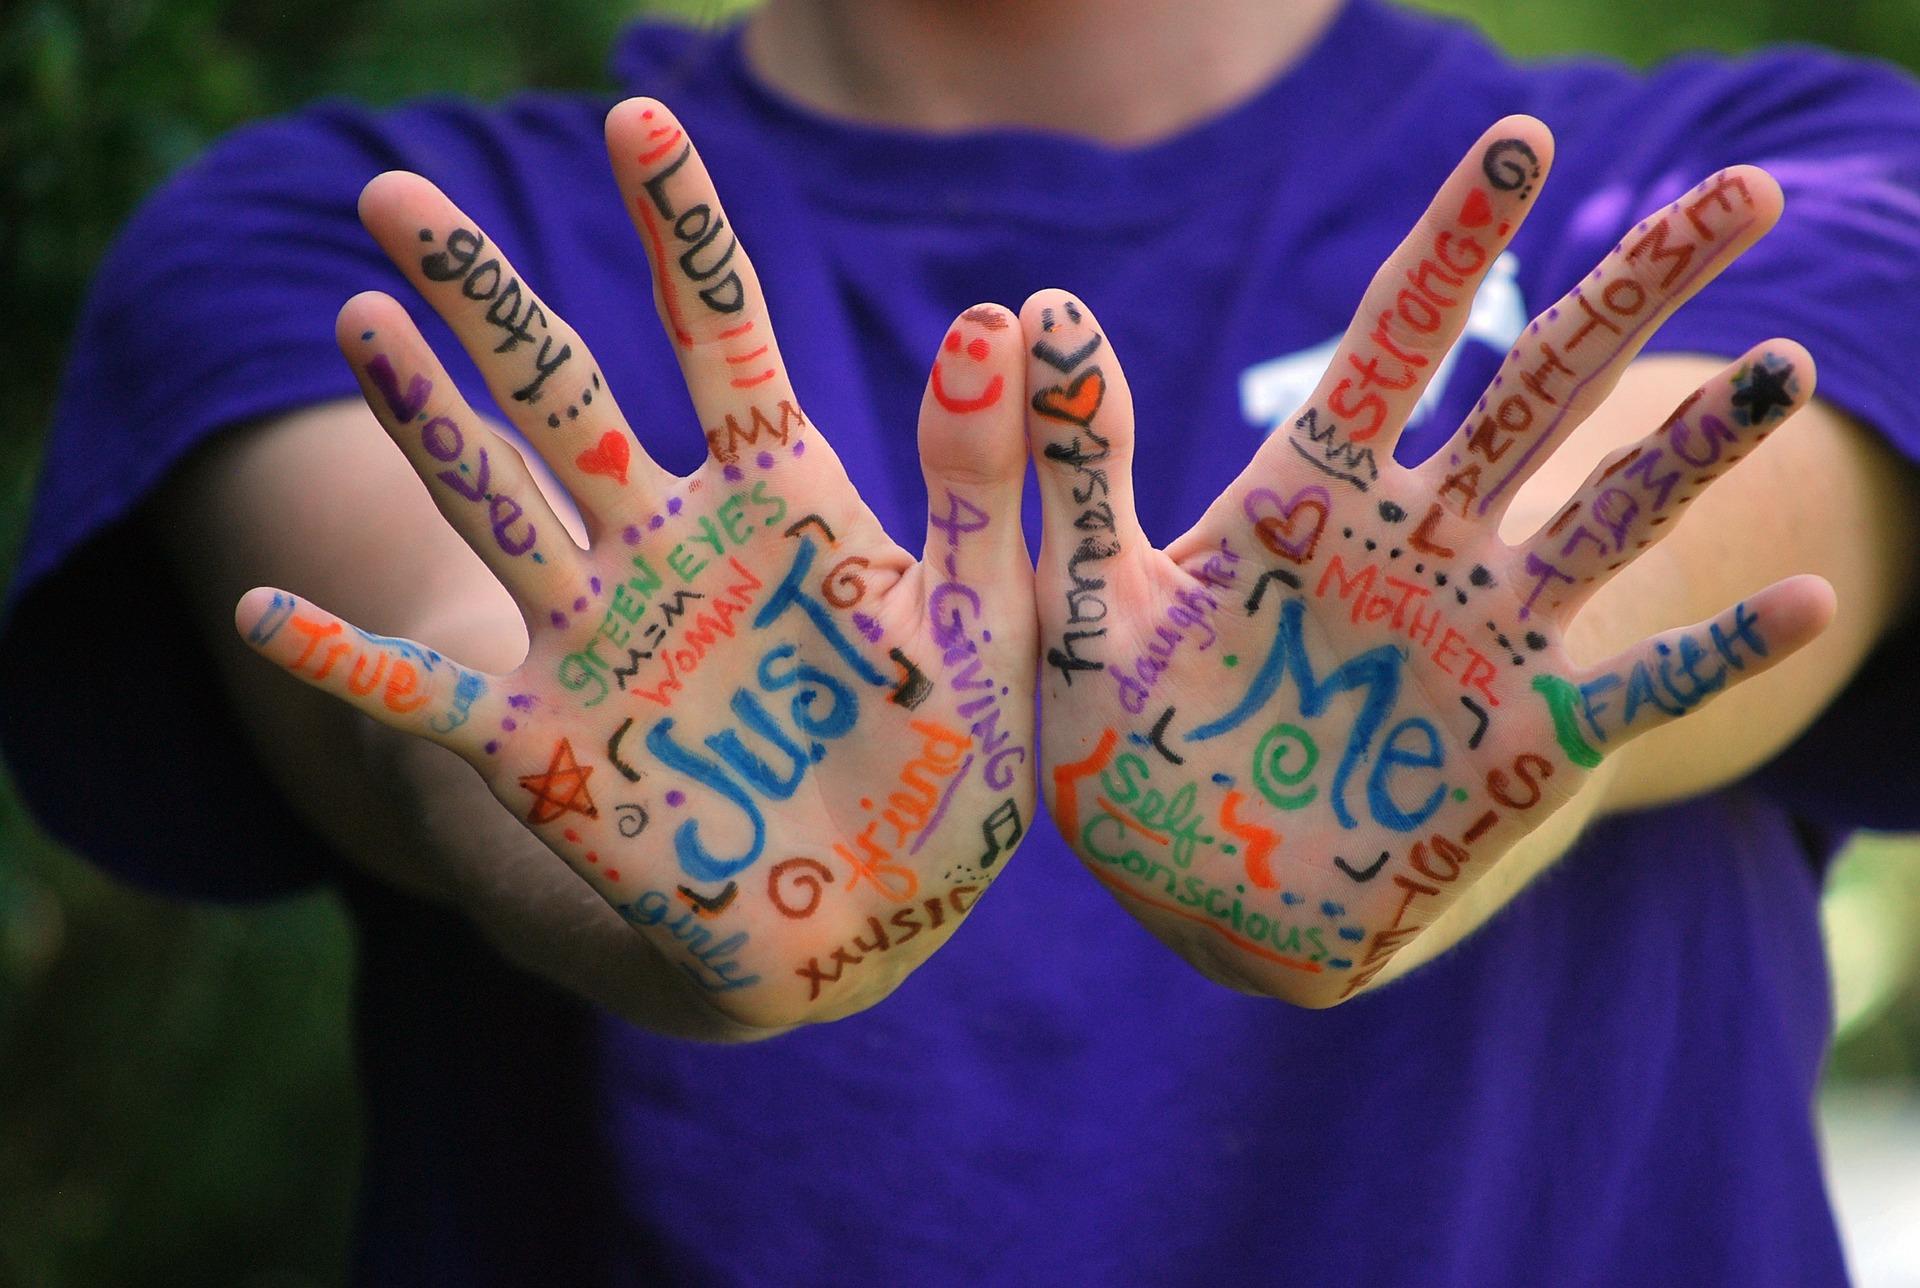 la imagen muestra unas manos de un niño con palabras escritas